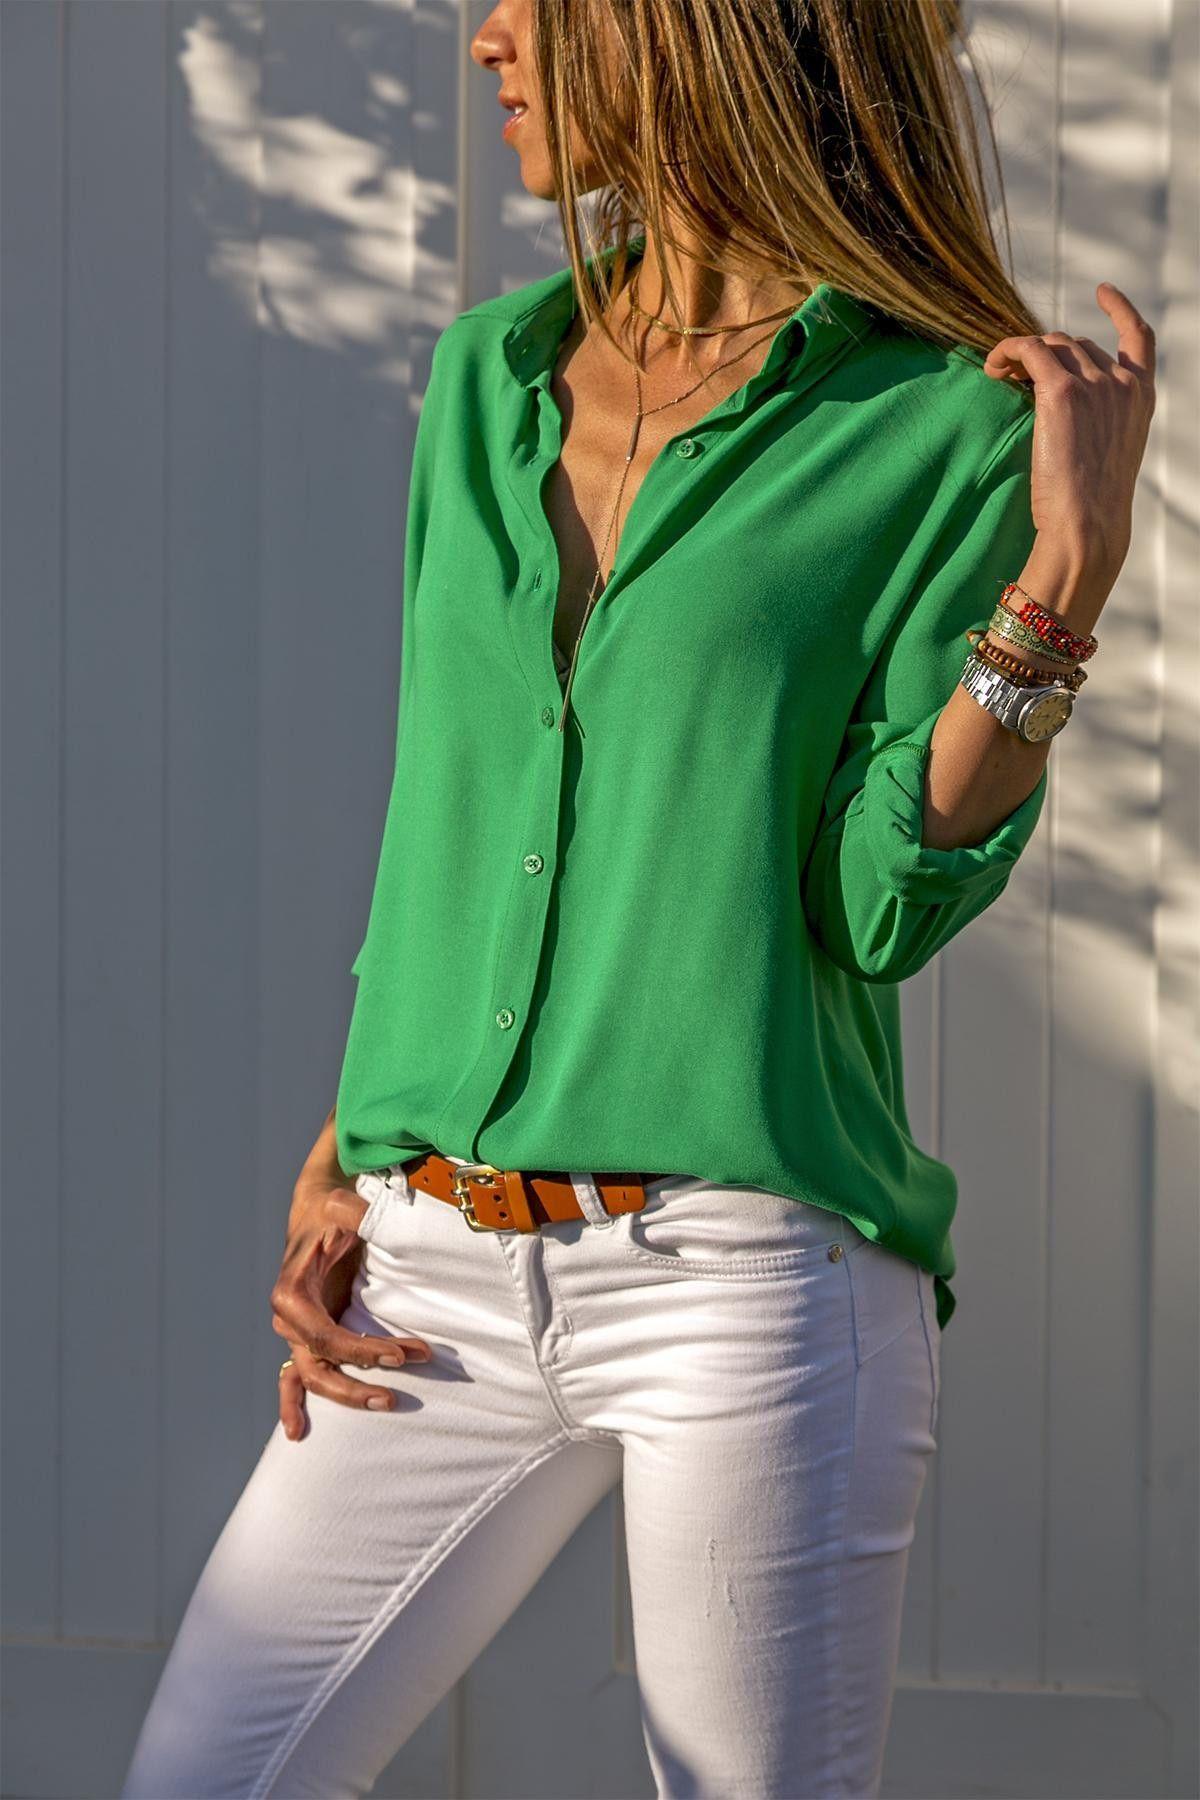 d1da53b400810 Женские элегантные блузки с длинным рукавом - Интернет магазин дешевых  товаров. Интернет магазин дешевых товаров